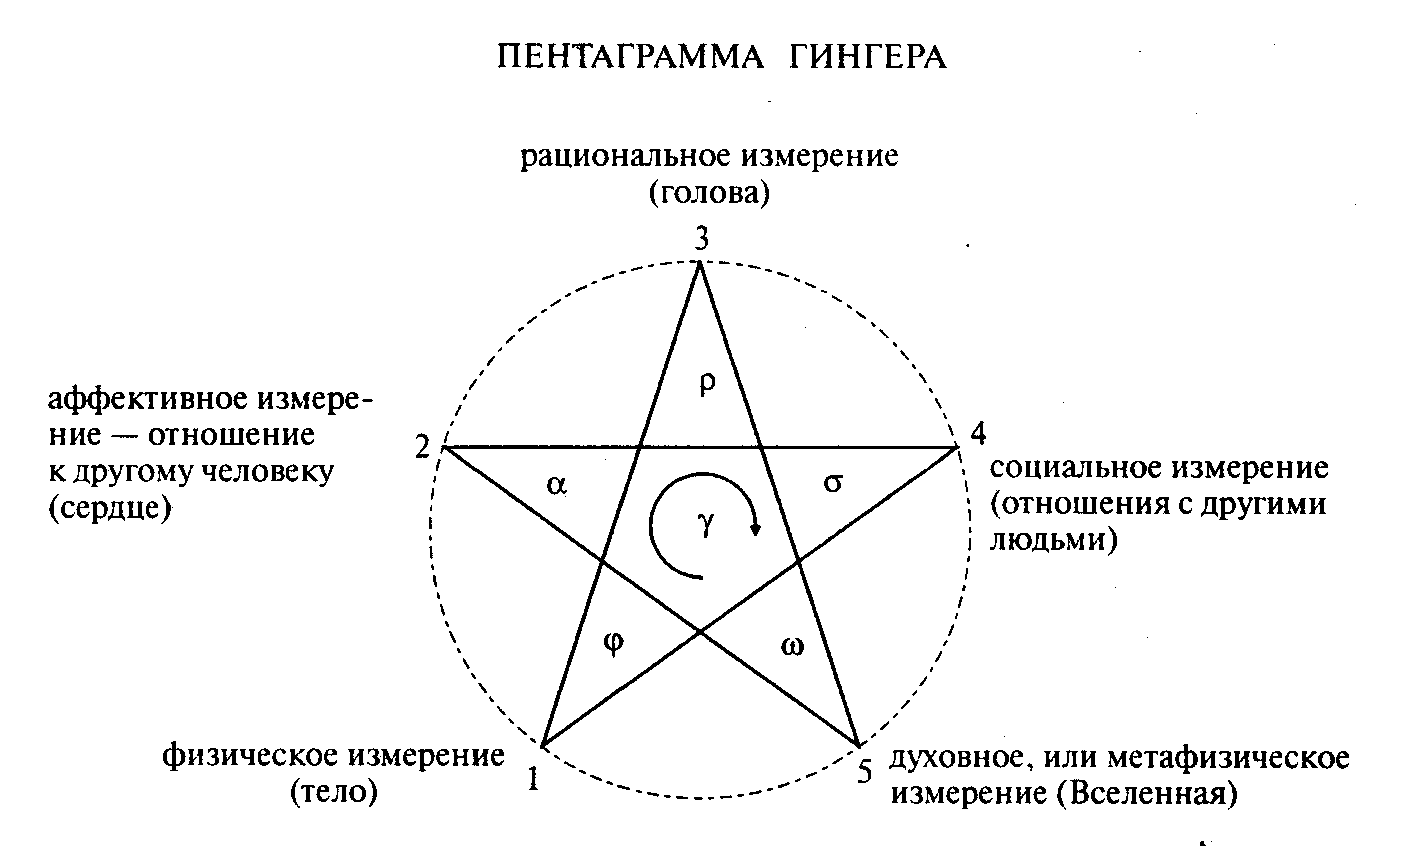 Тату пентаграмма на шее. татуировка пентаграмма (пятиконечная звезда)